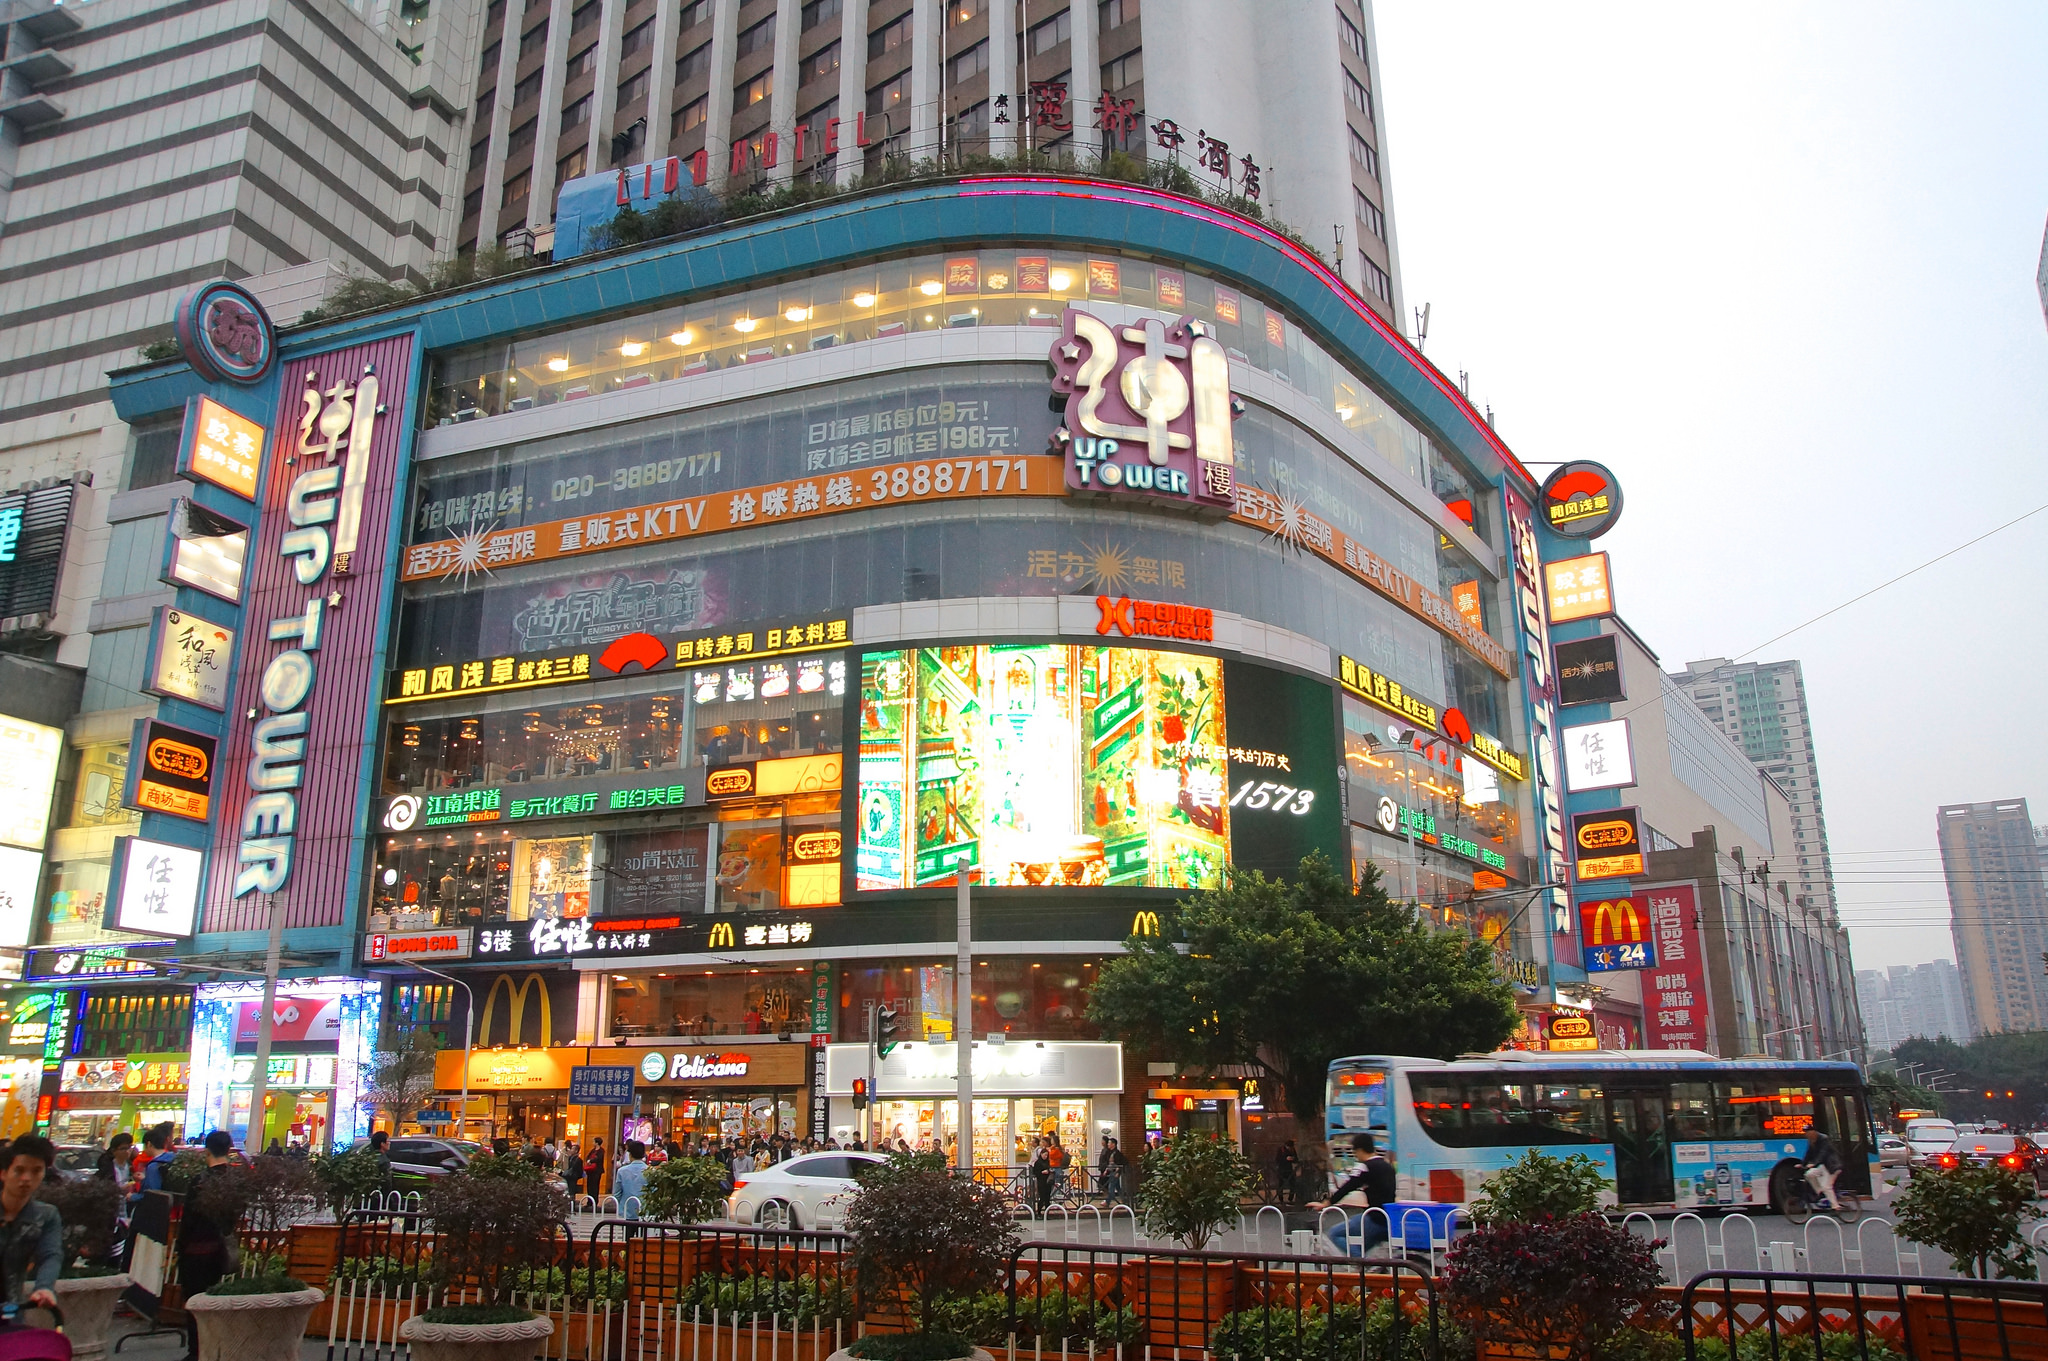 dadbdfe14c4 Шоппинг в Гуанчжоу — магазины